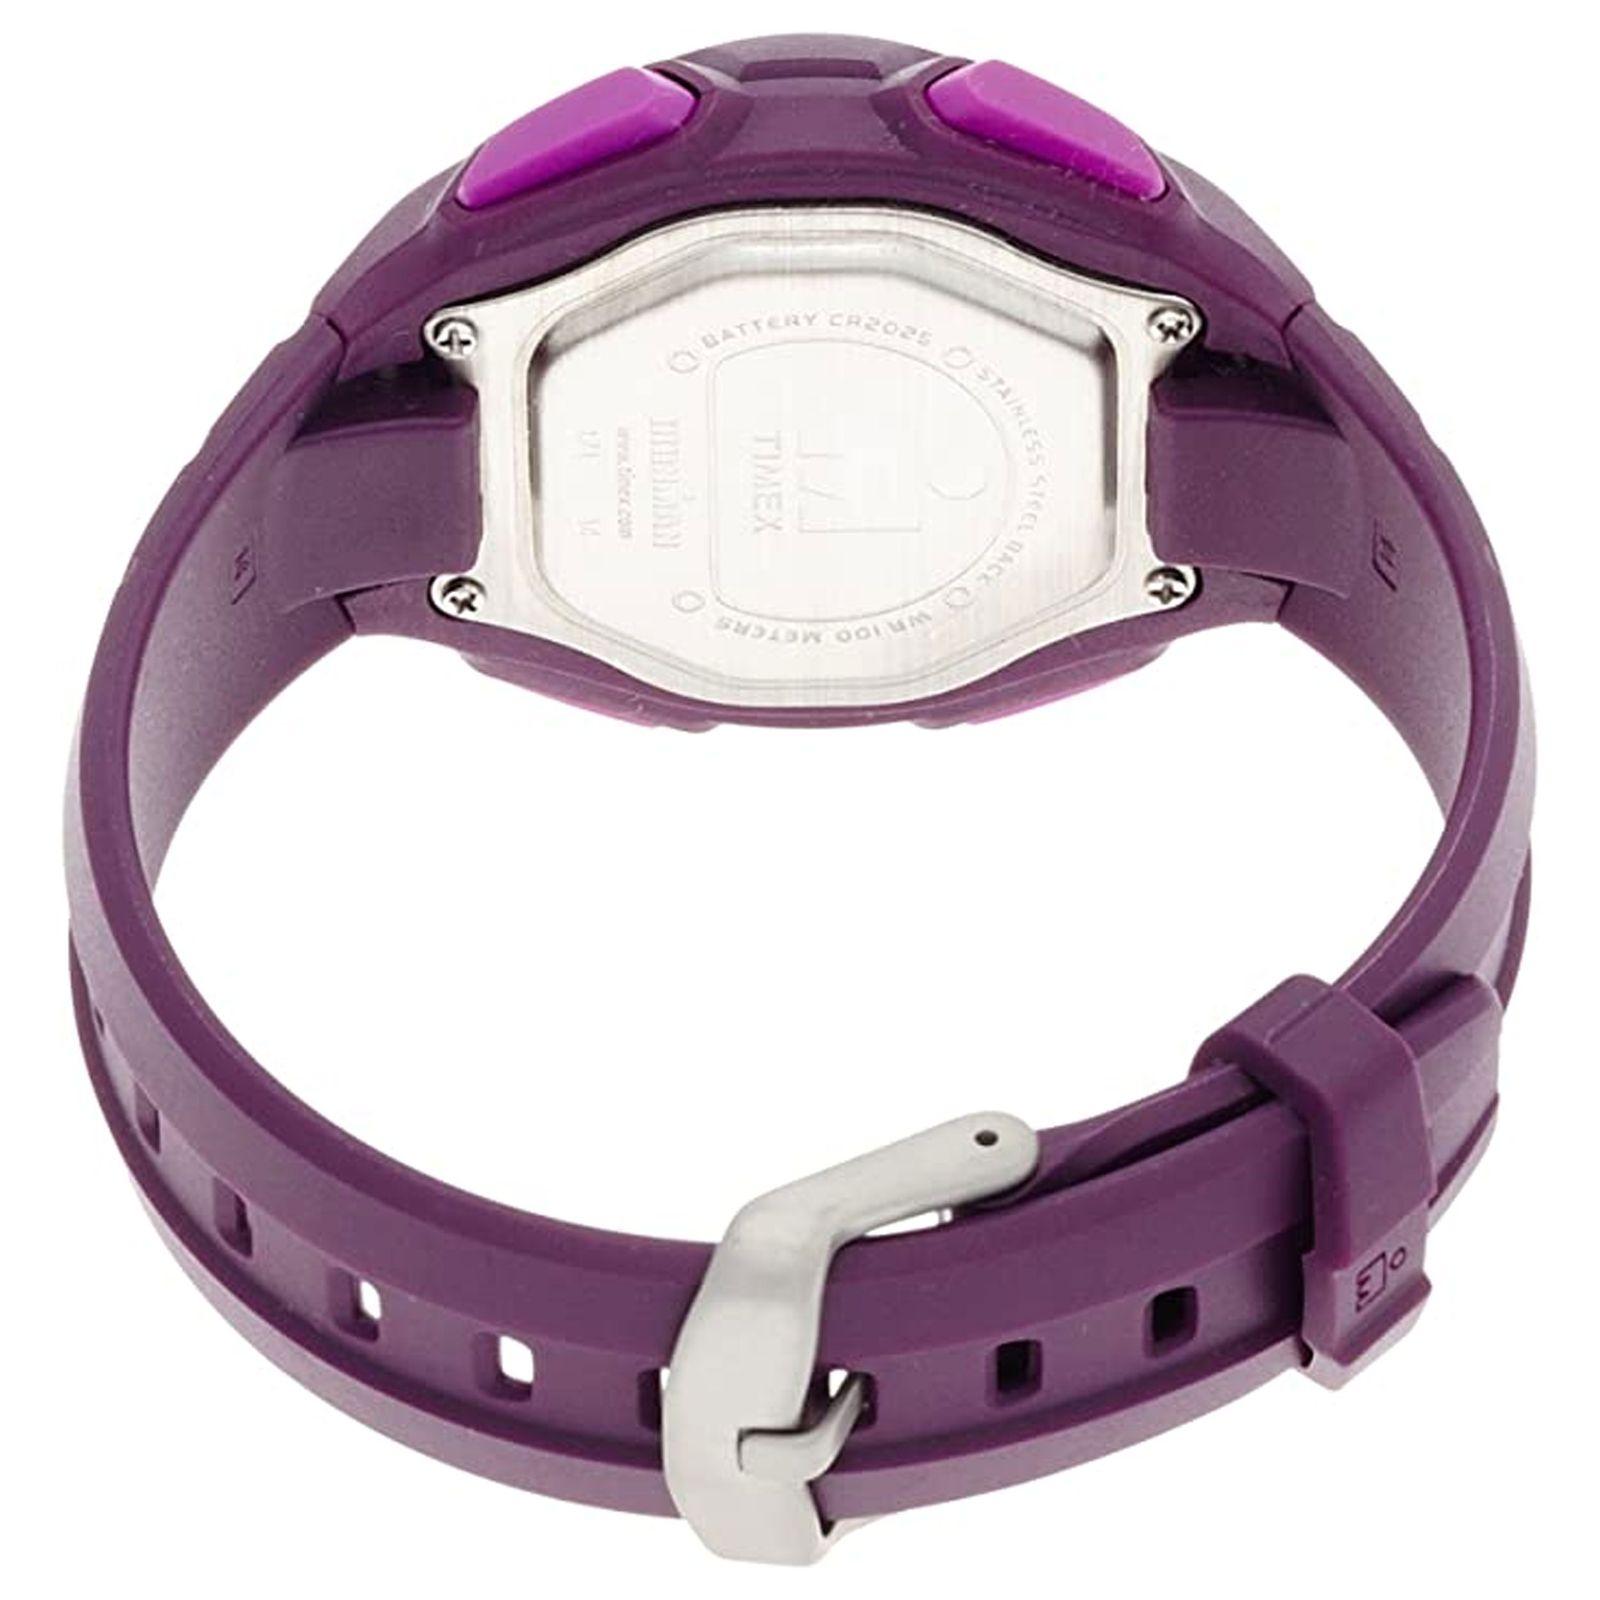 ساعت مچی دیجیتال زنانه تایمکس مدل TW5K89700 -  - 3